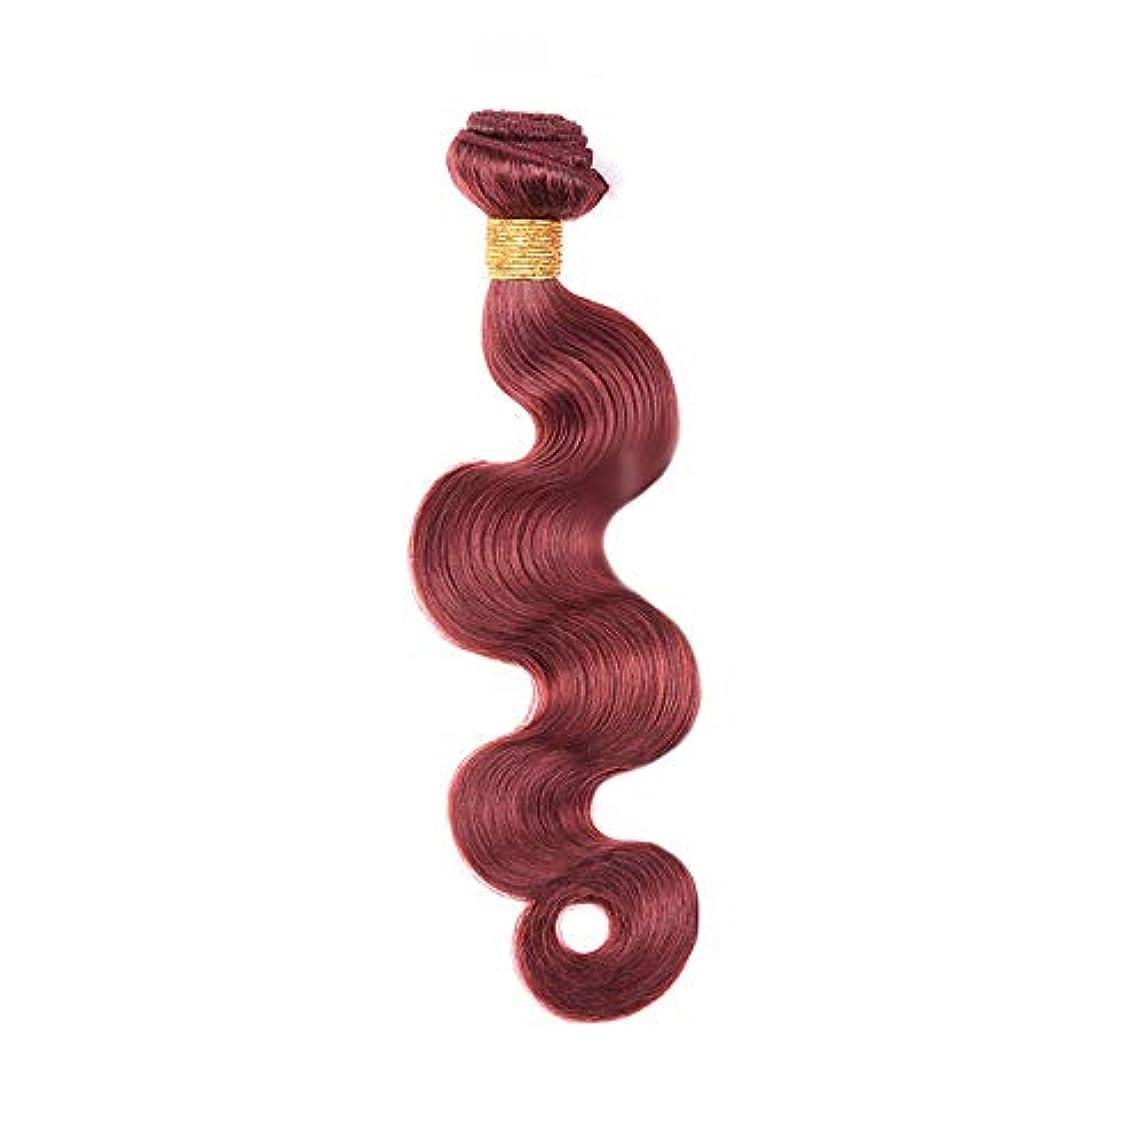 上げる拡張最大HOHYLLYA 実体波ヘアエクステンションブラジルの人間の髪の毛100g / 1バンドル髪の織り方よこ糸 - 33#ブラウンレッド色(10